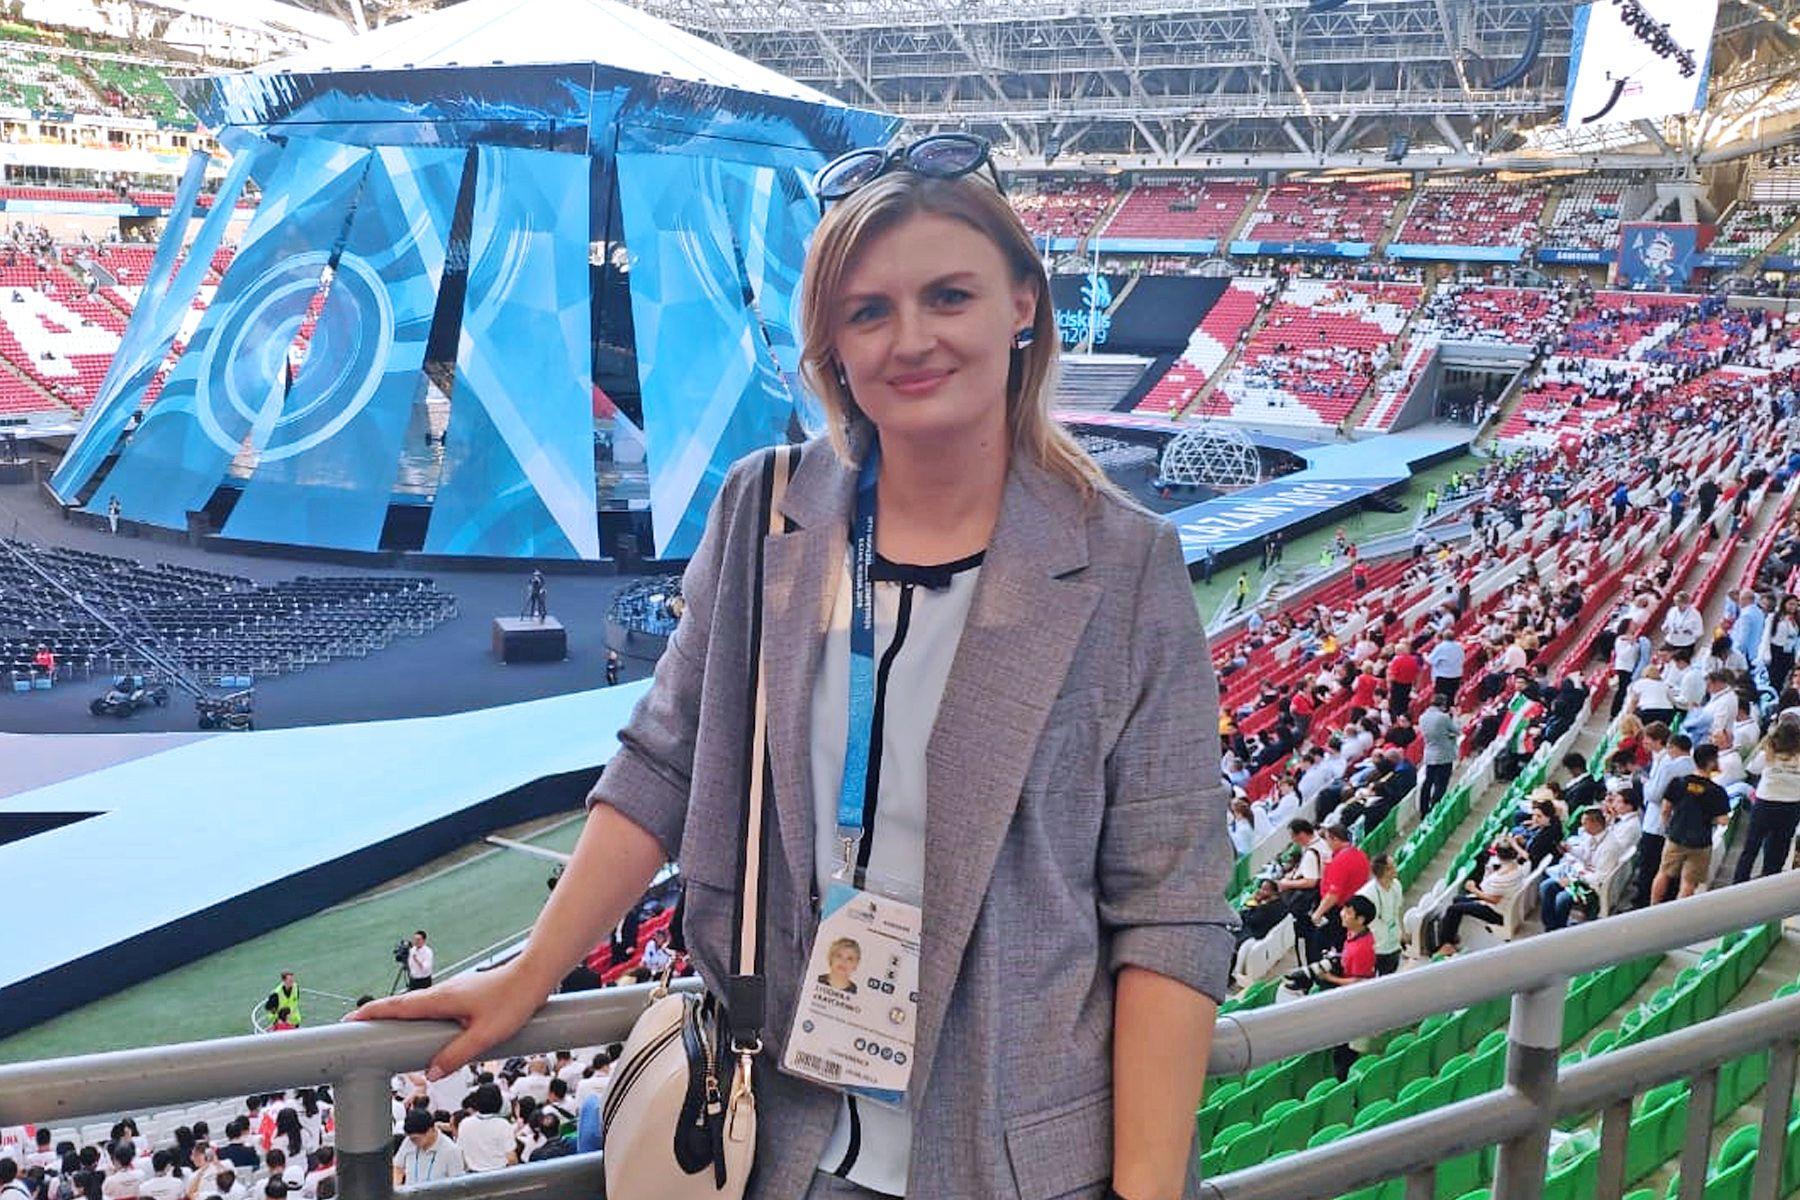 Проект ВГУЭС, представленный на Чемпионате мира WorldSkills Kazan 2019, получил высокую оценку и поддержку экспертов